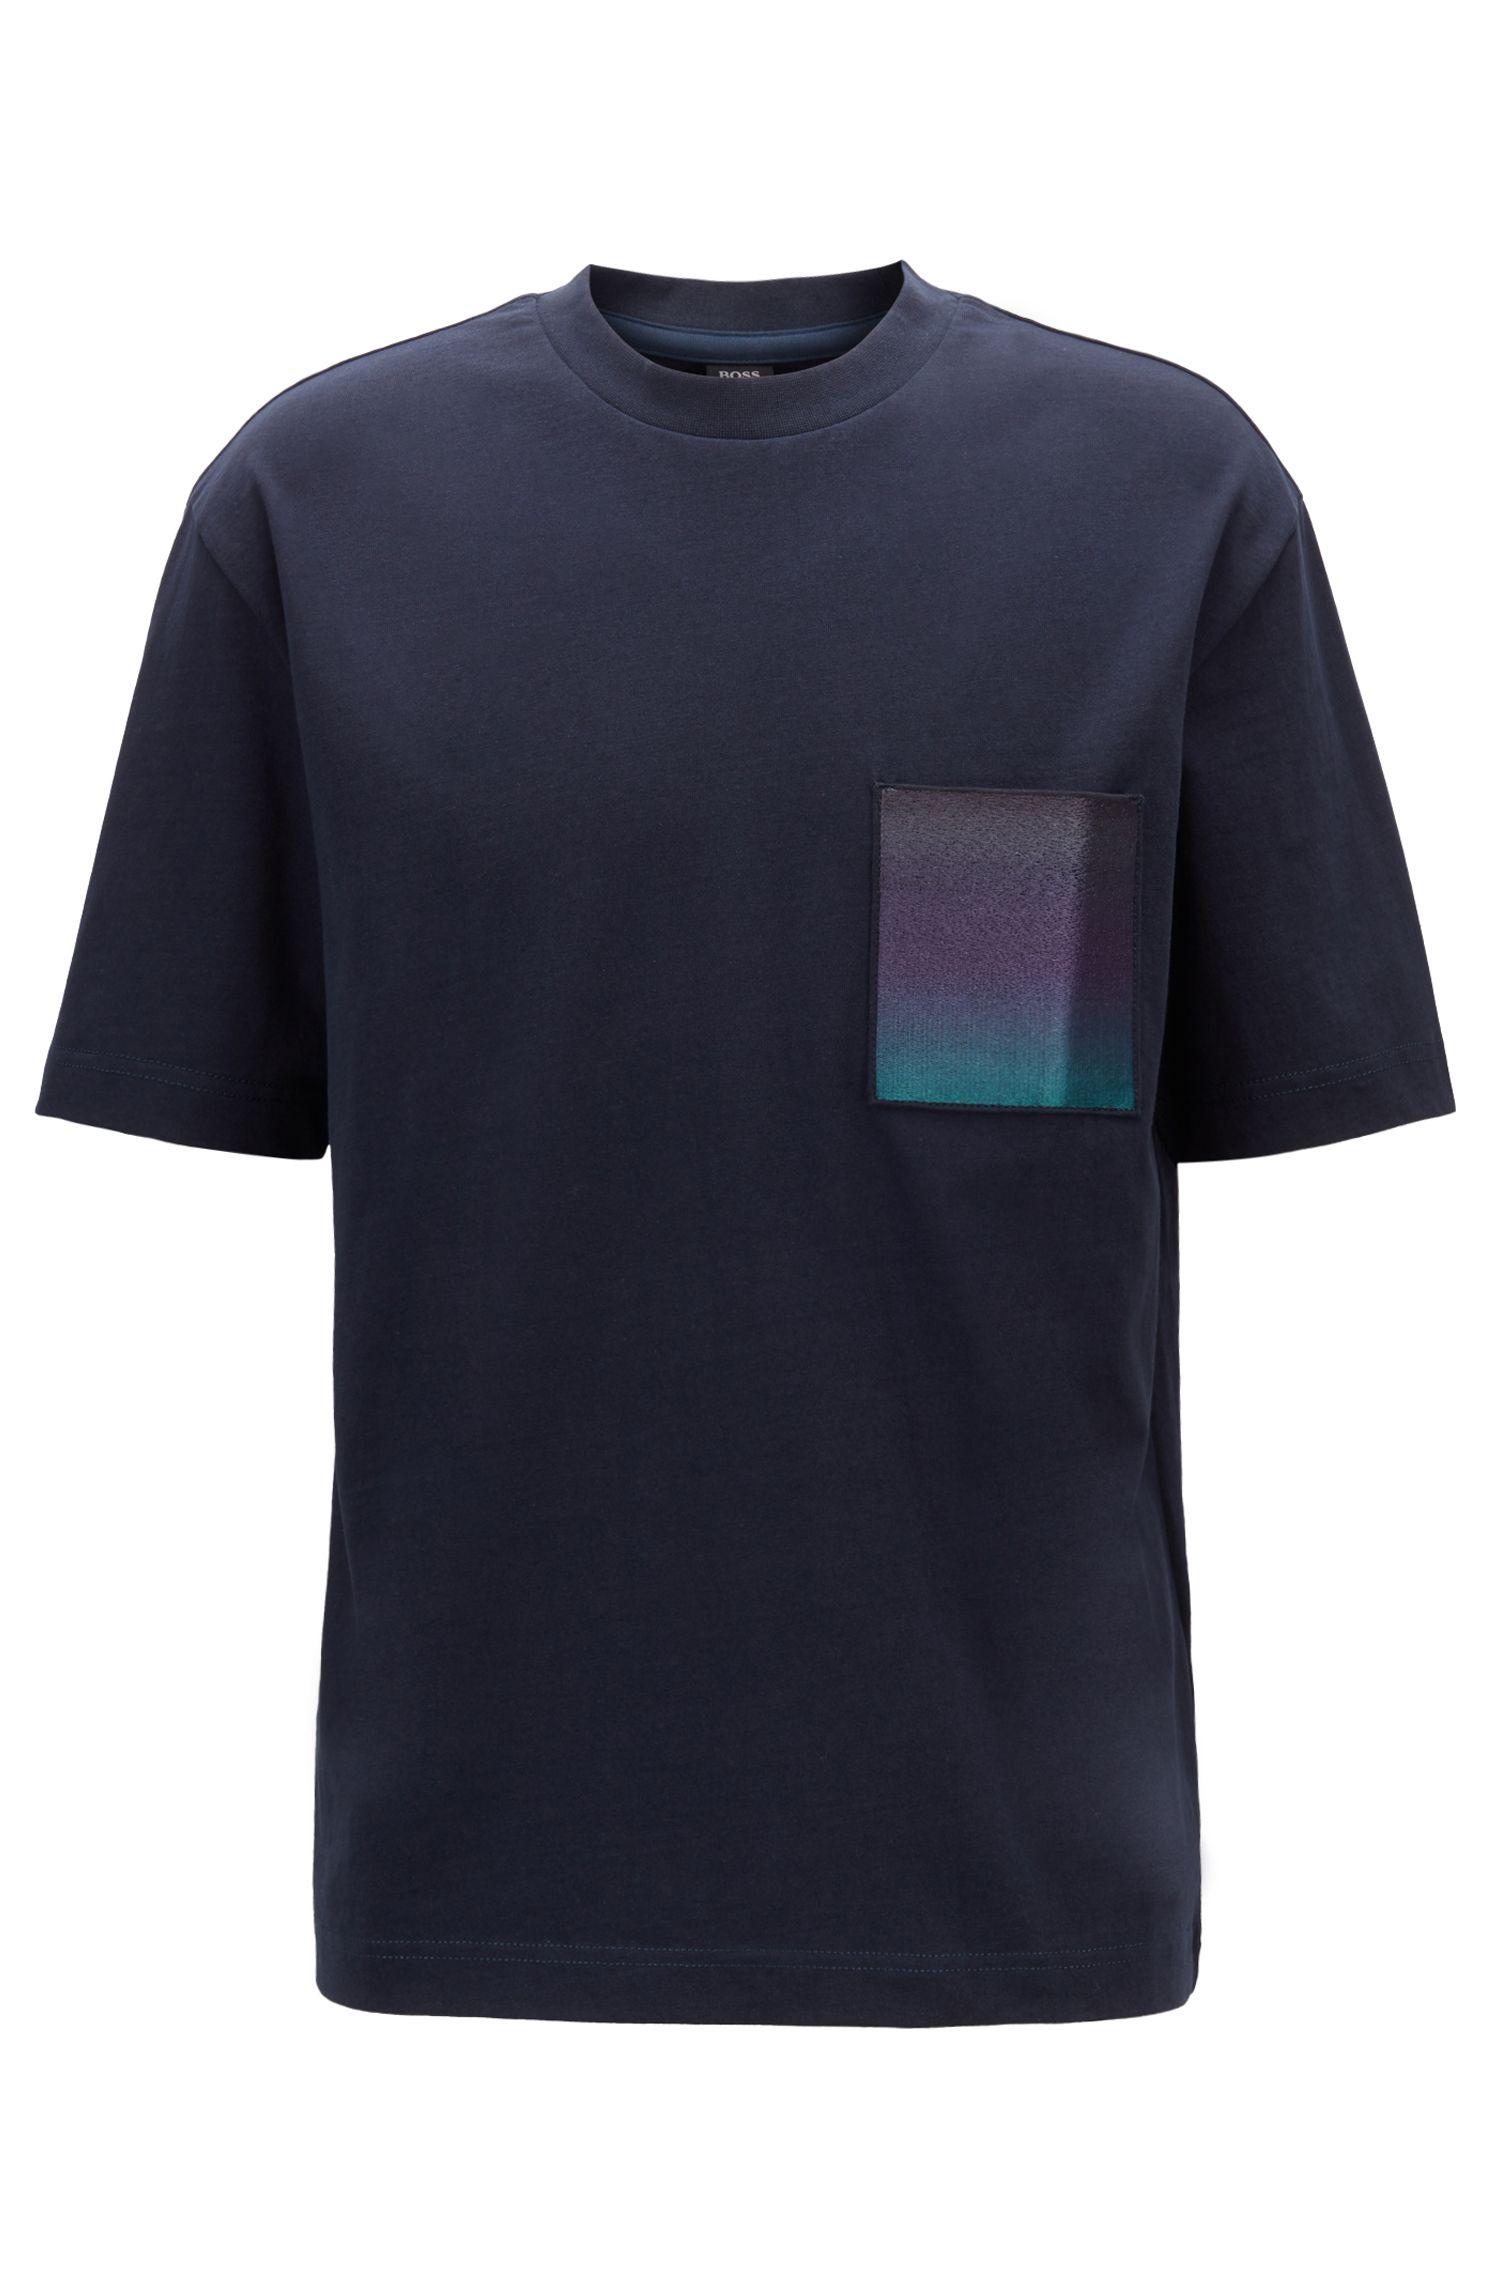 Camiseta de algodón con bolsillo en el pecho con estampado en degradado, Azul oscuro